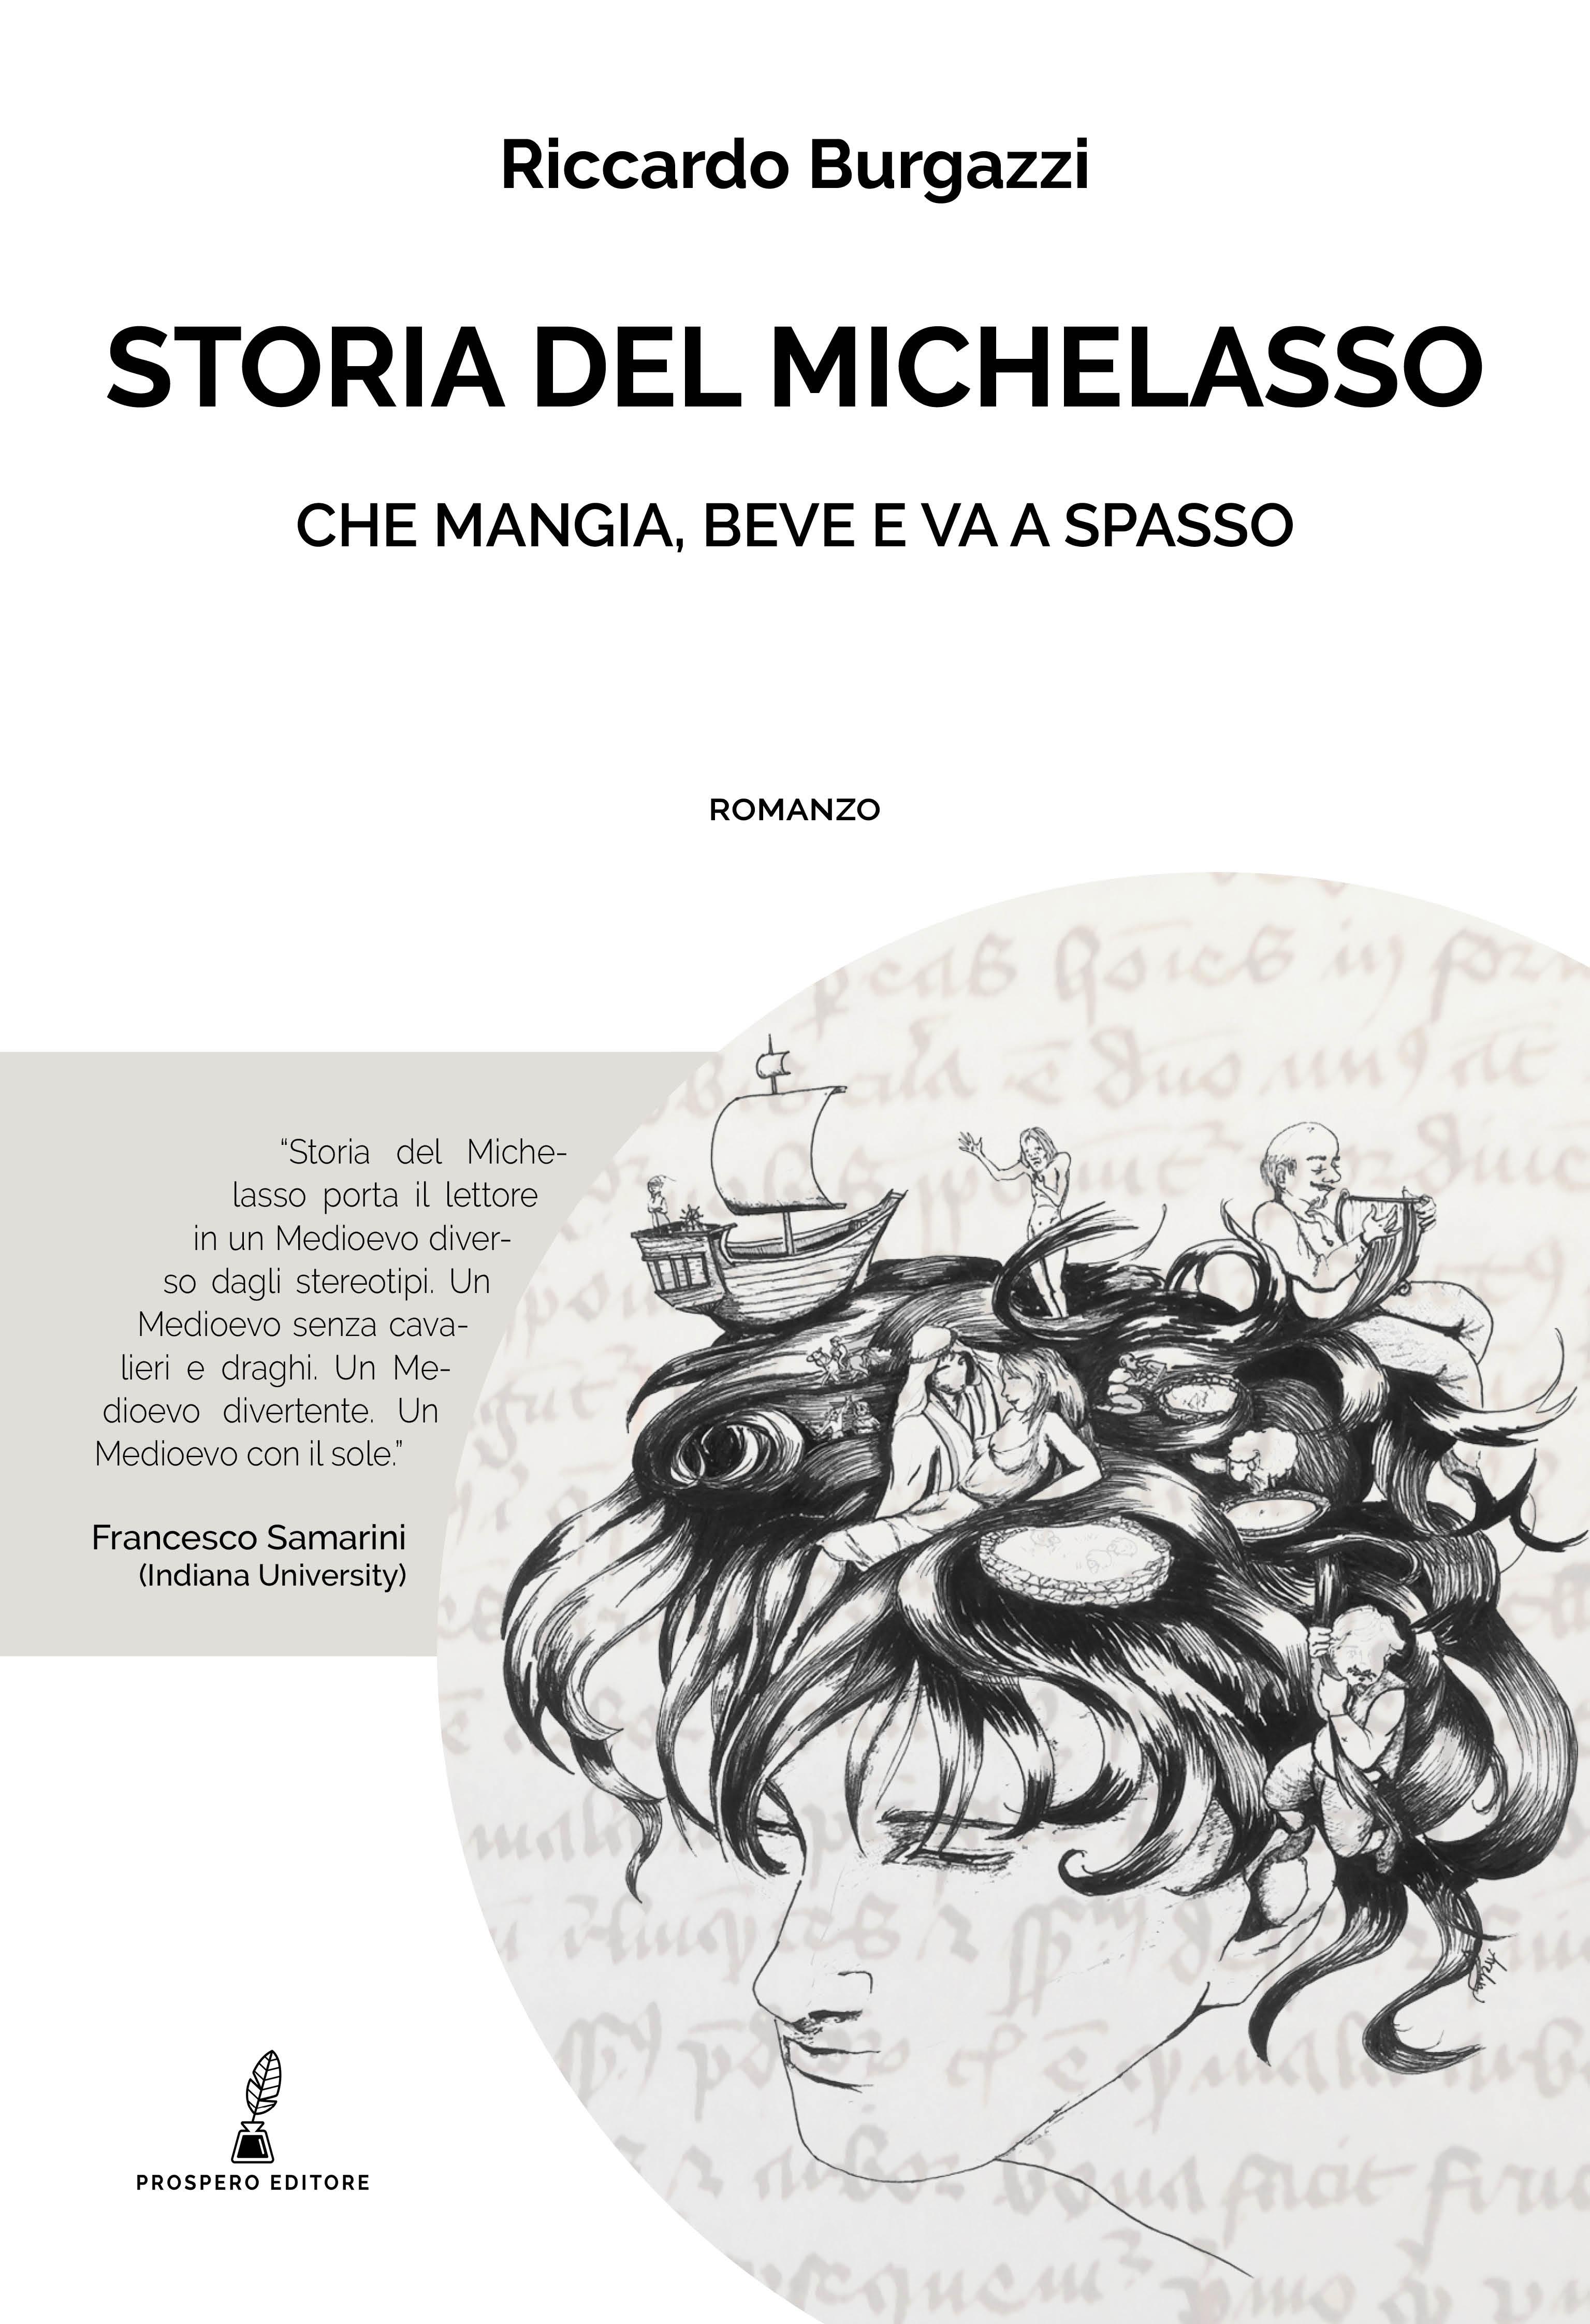 Storia del Michelasso-image